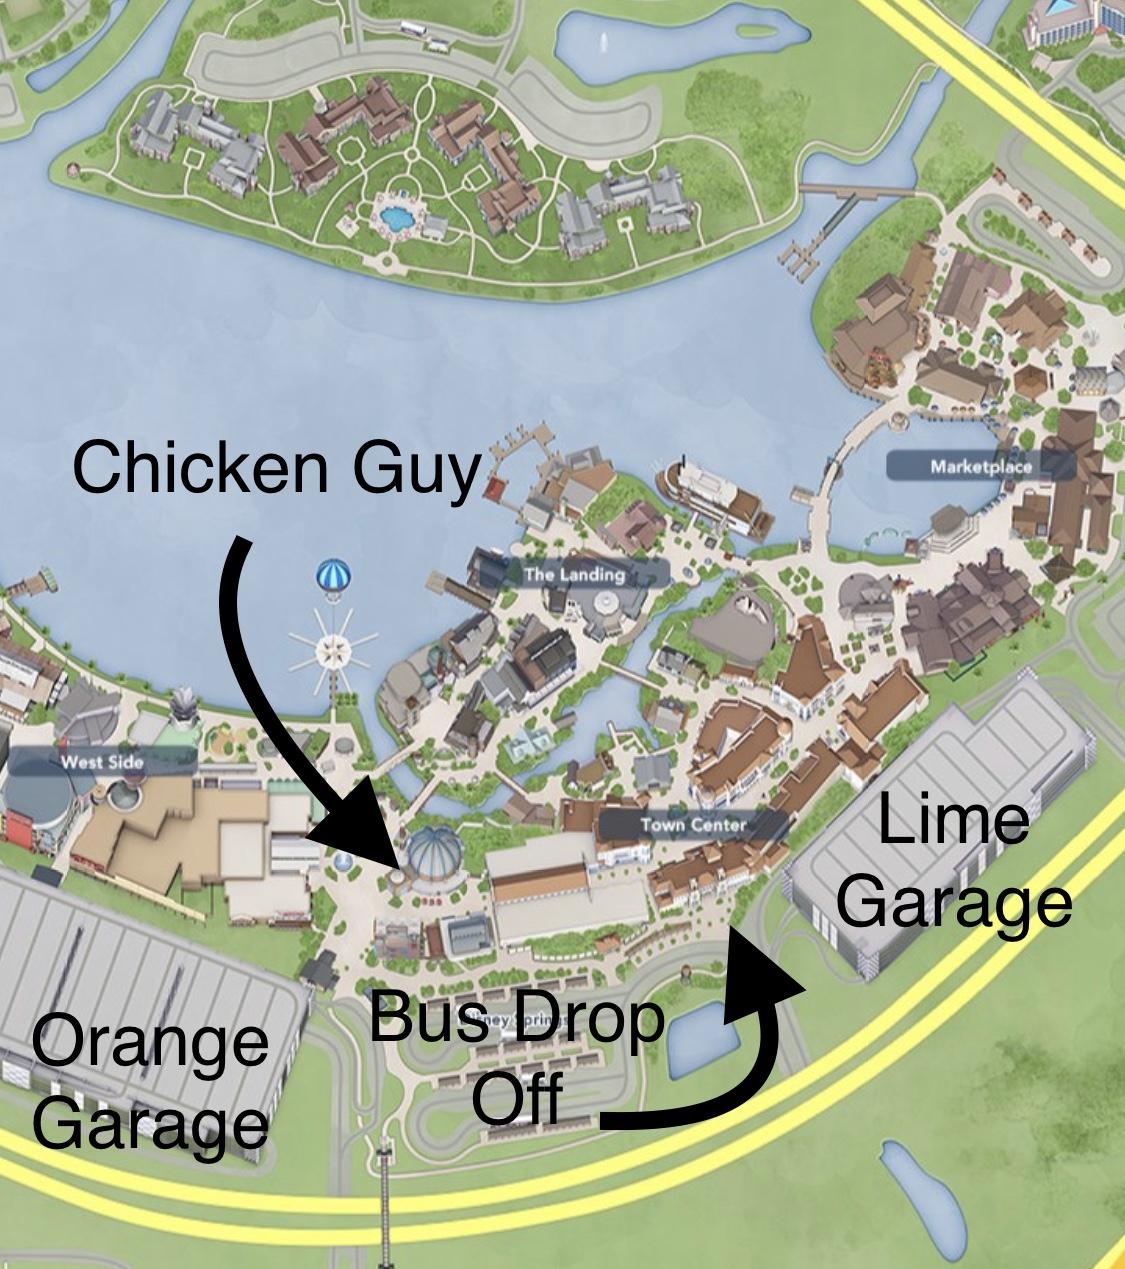 en Guy at Disney Springs - Love of the Magic Disney Springs Map on